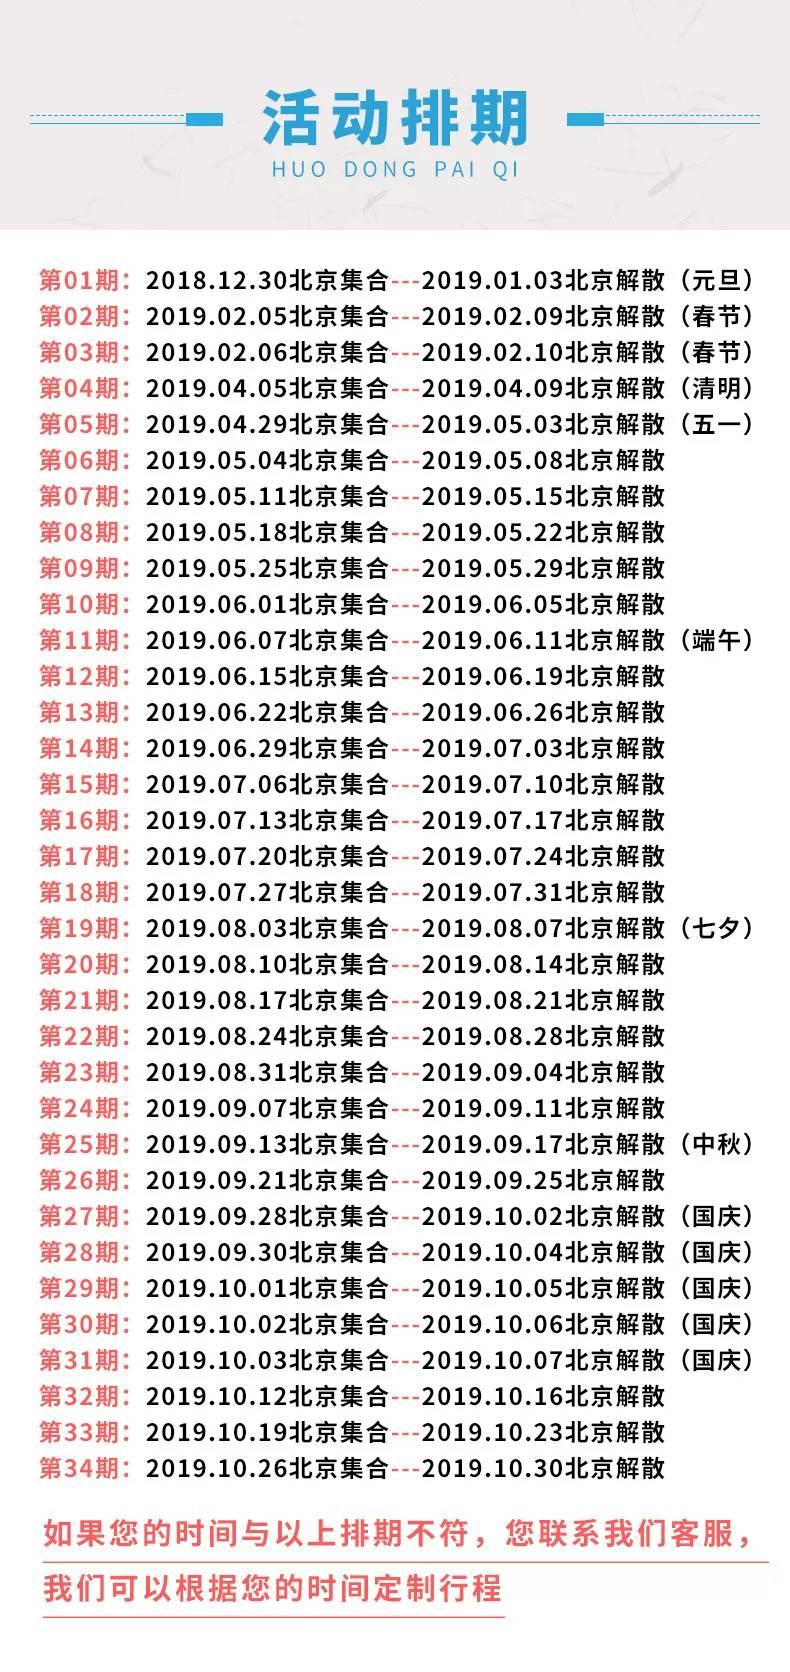 (9)文化古都 皇城之都 尽在北京-户外活动图-驼铃网